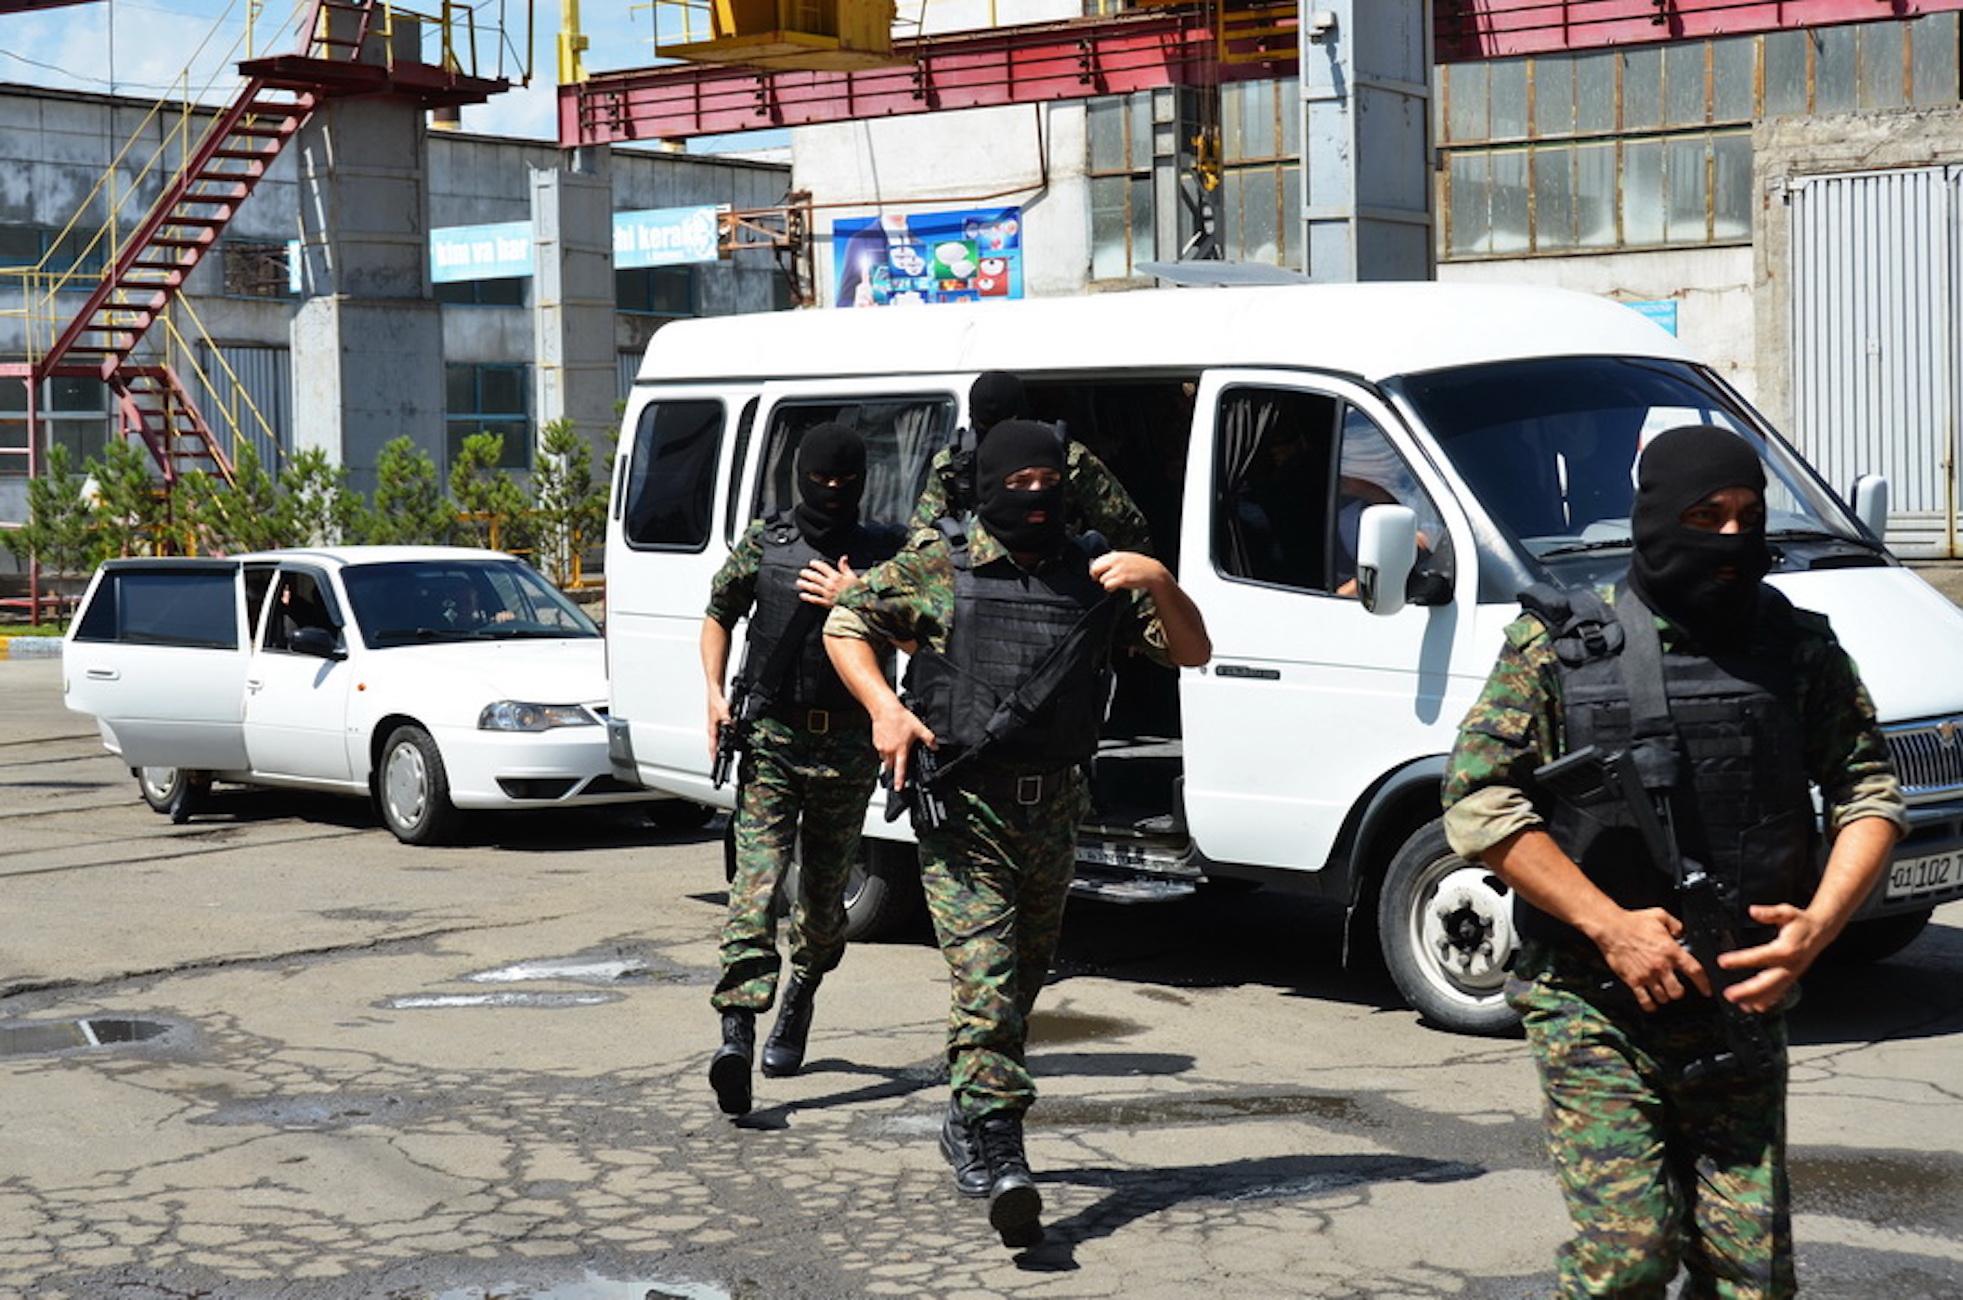 Узбекистан принимает меры для борьбы с новыми угрозами безопасности